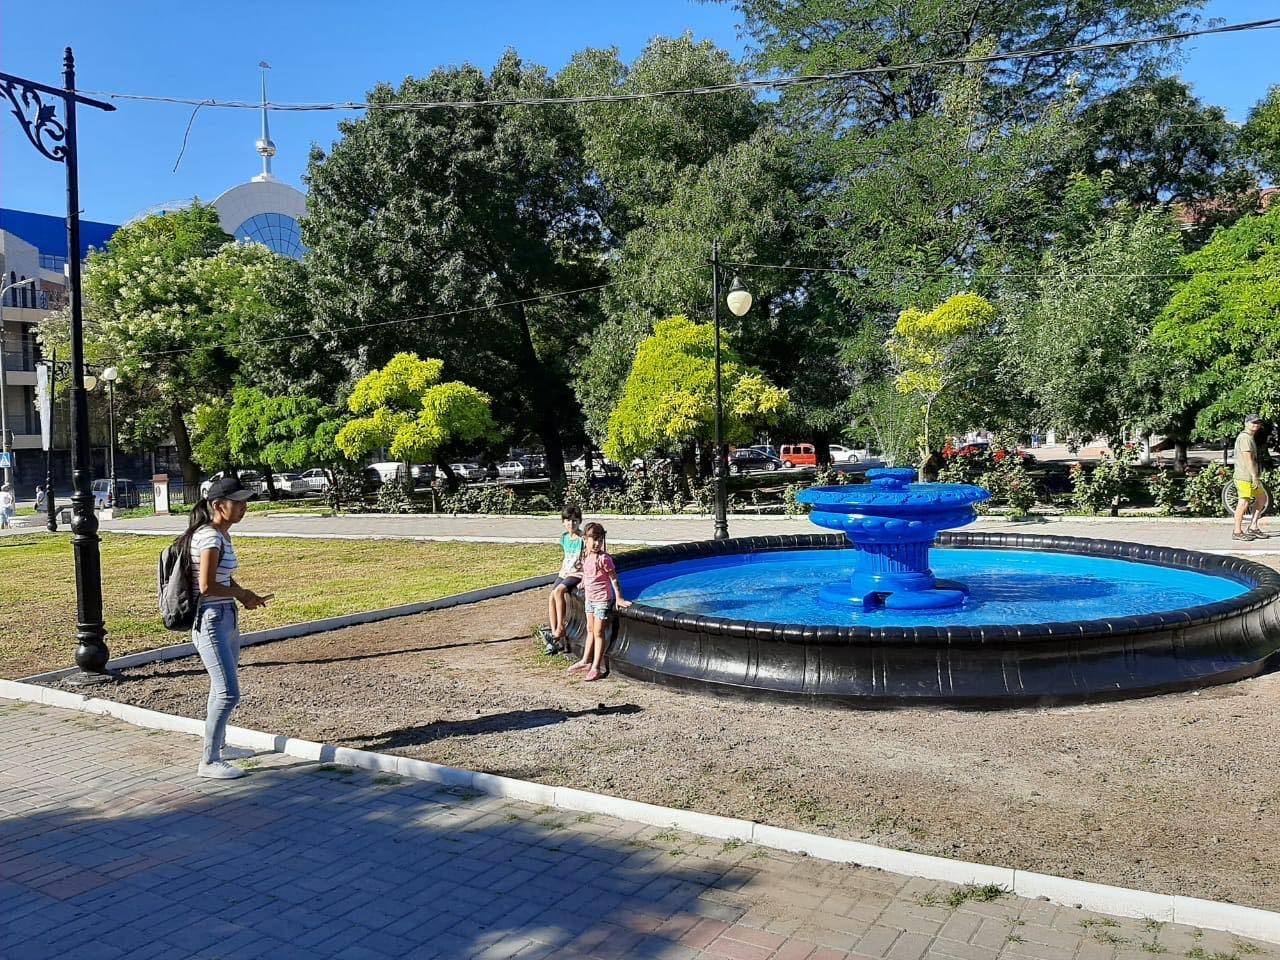 Сальдо, фонтан, сквер